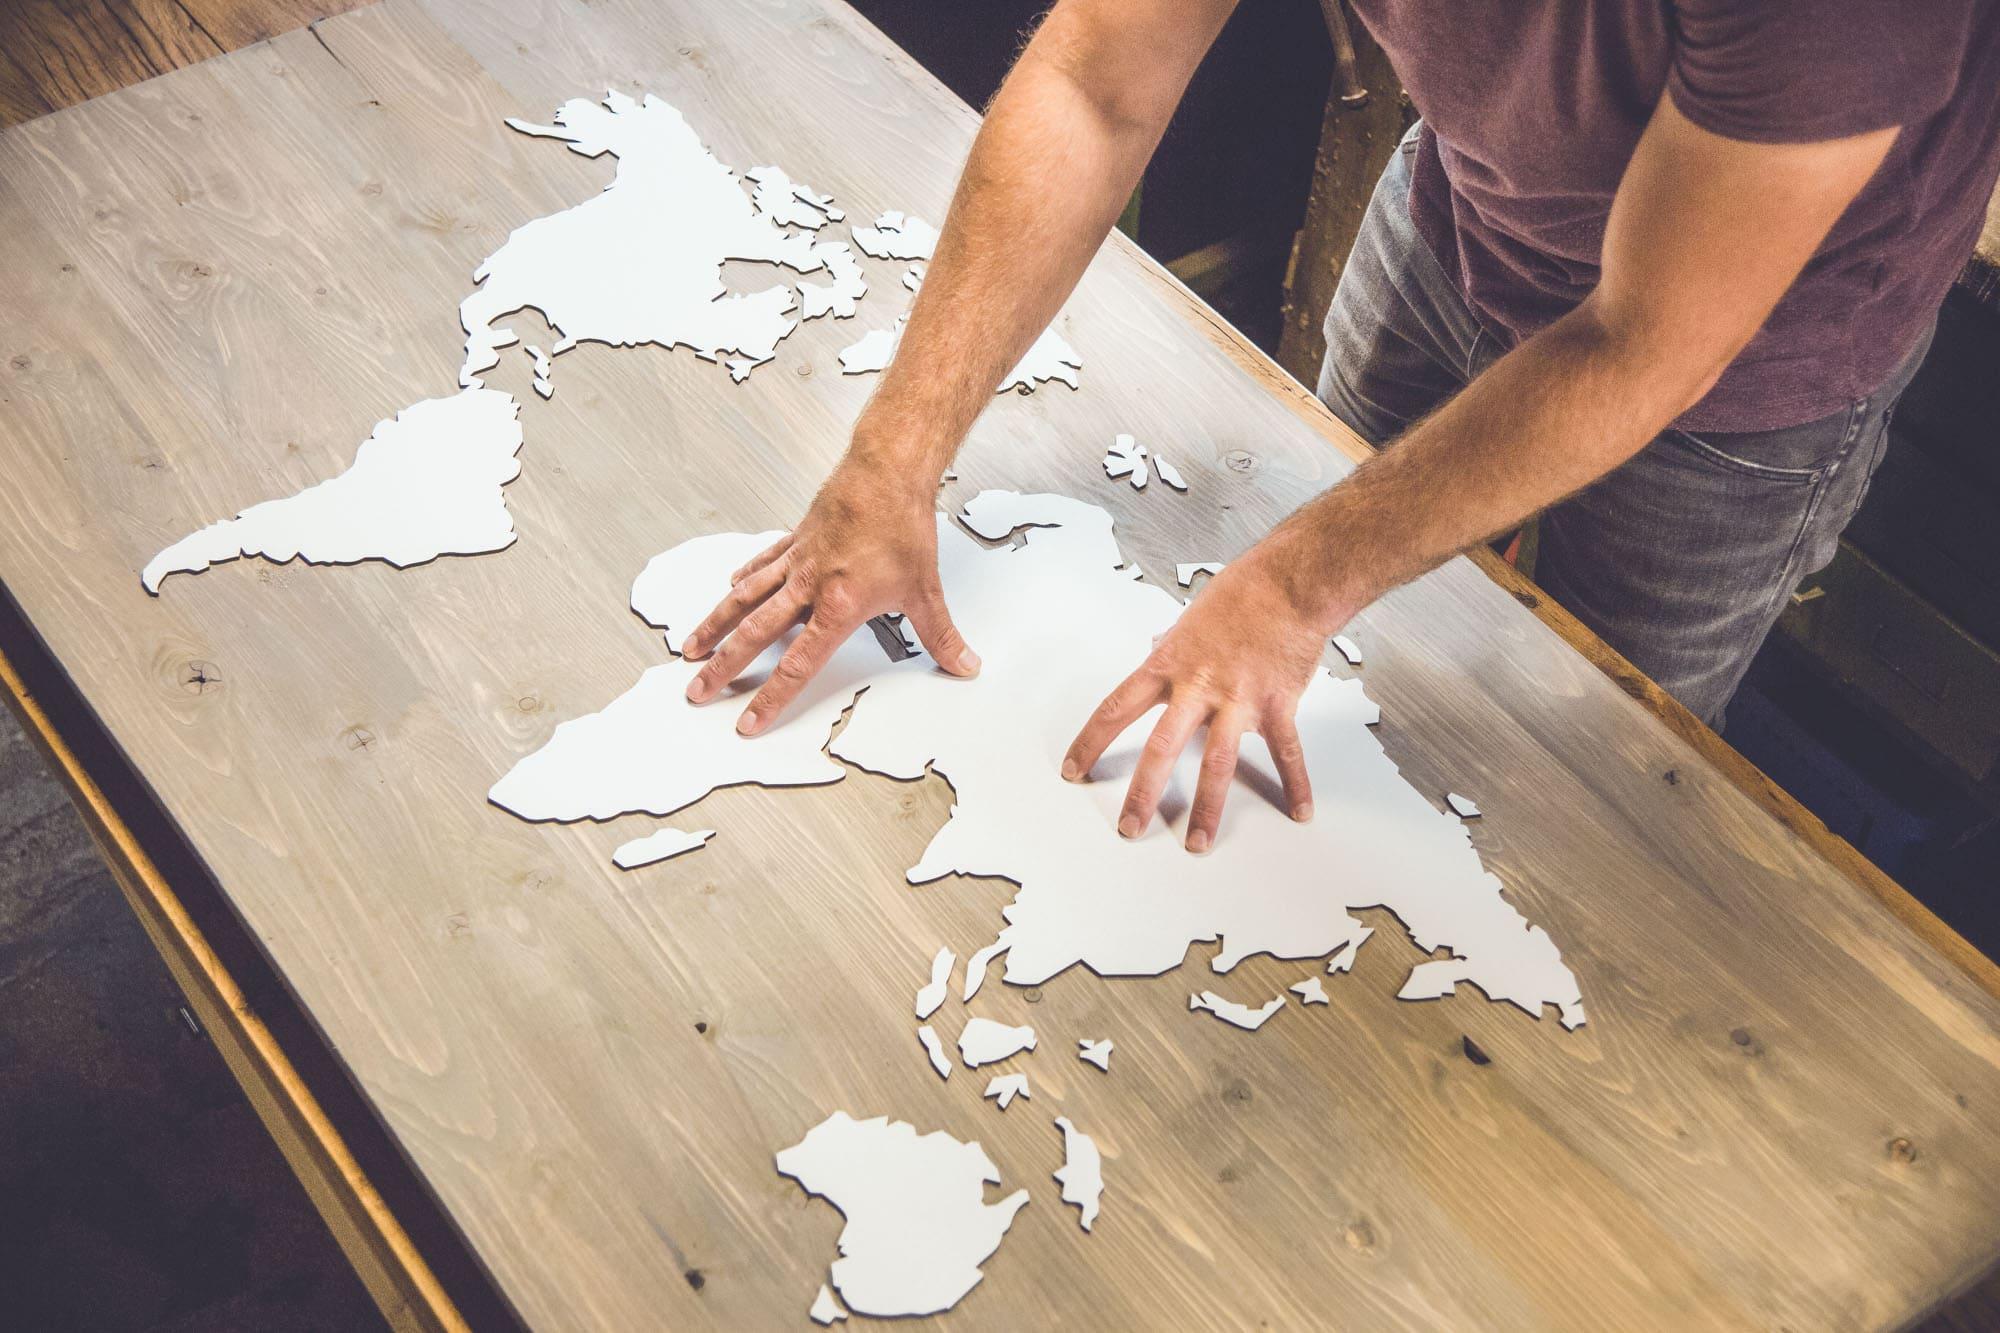 Favoriete REISJUNK | Deze wereldkaart van hout is een musthave voor elke #QL52